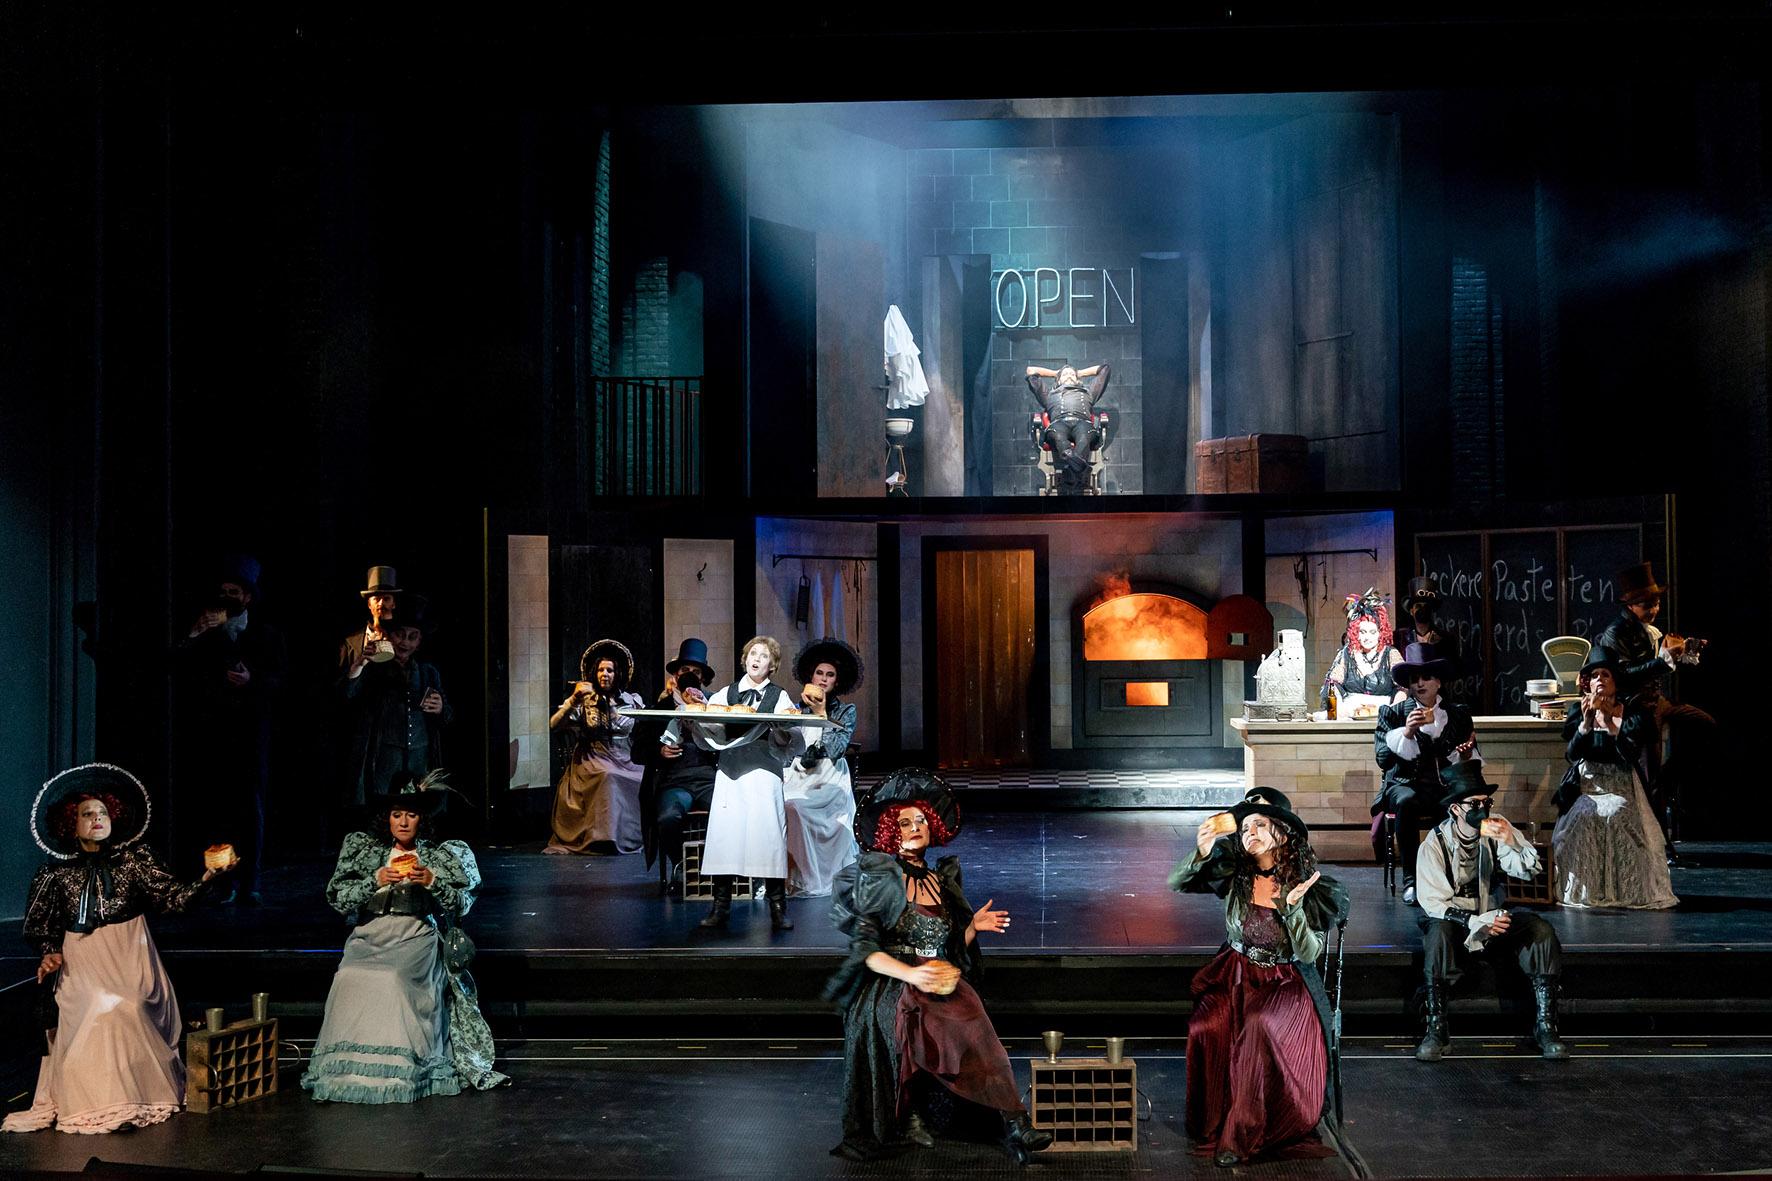 Gesamtansicht des dunkel gehaltenen Bühnenbildes. Im Vordergrund verteilt sitzende Mitglieder des Chores in Gothic-Kleidung. Weiter hinten der Bühnenaufbau: Im Erdgeschoss eine Theke, an der Mrs. Lovett mit roten Haaren steht. Dahinter der glühende Ofen. Im Obergeschoss der Barbiersalon. Sweeney Todd sitzt im Barbier-Stuhl.